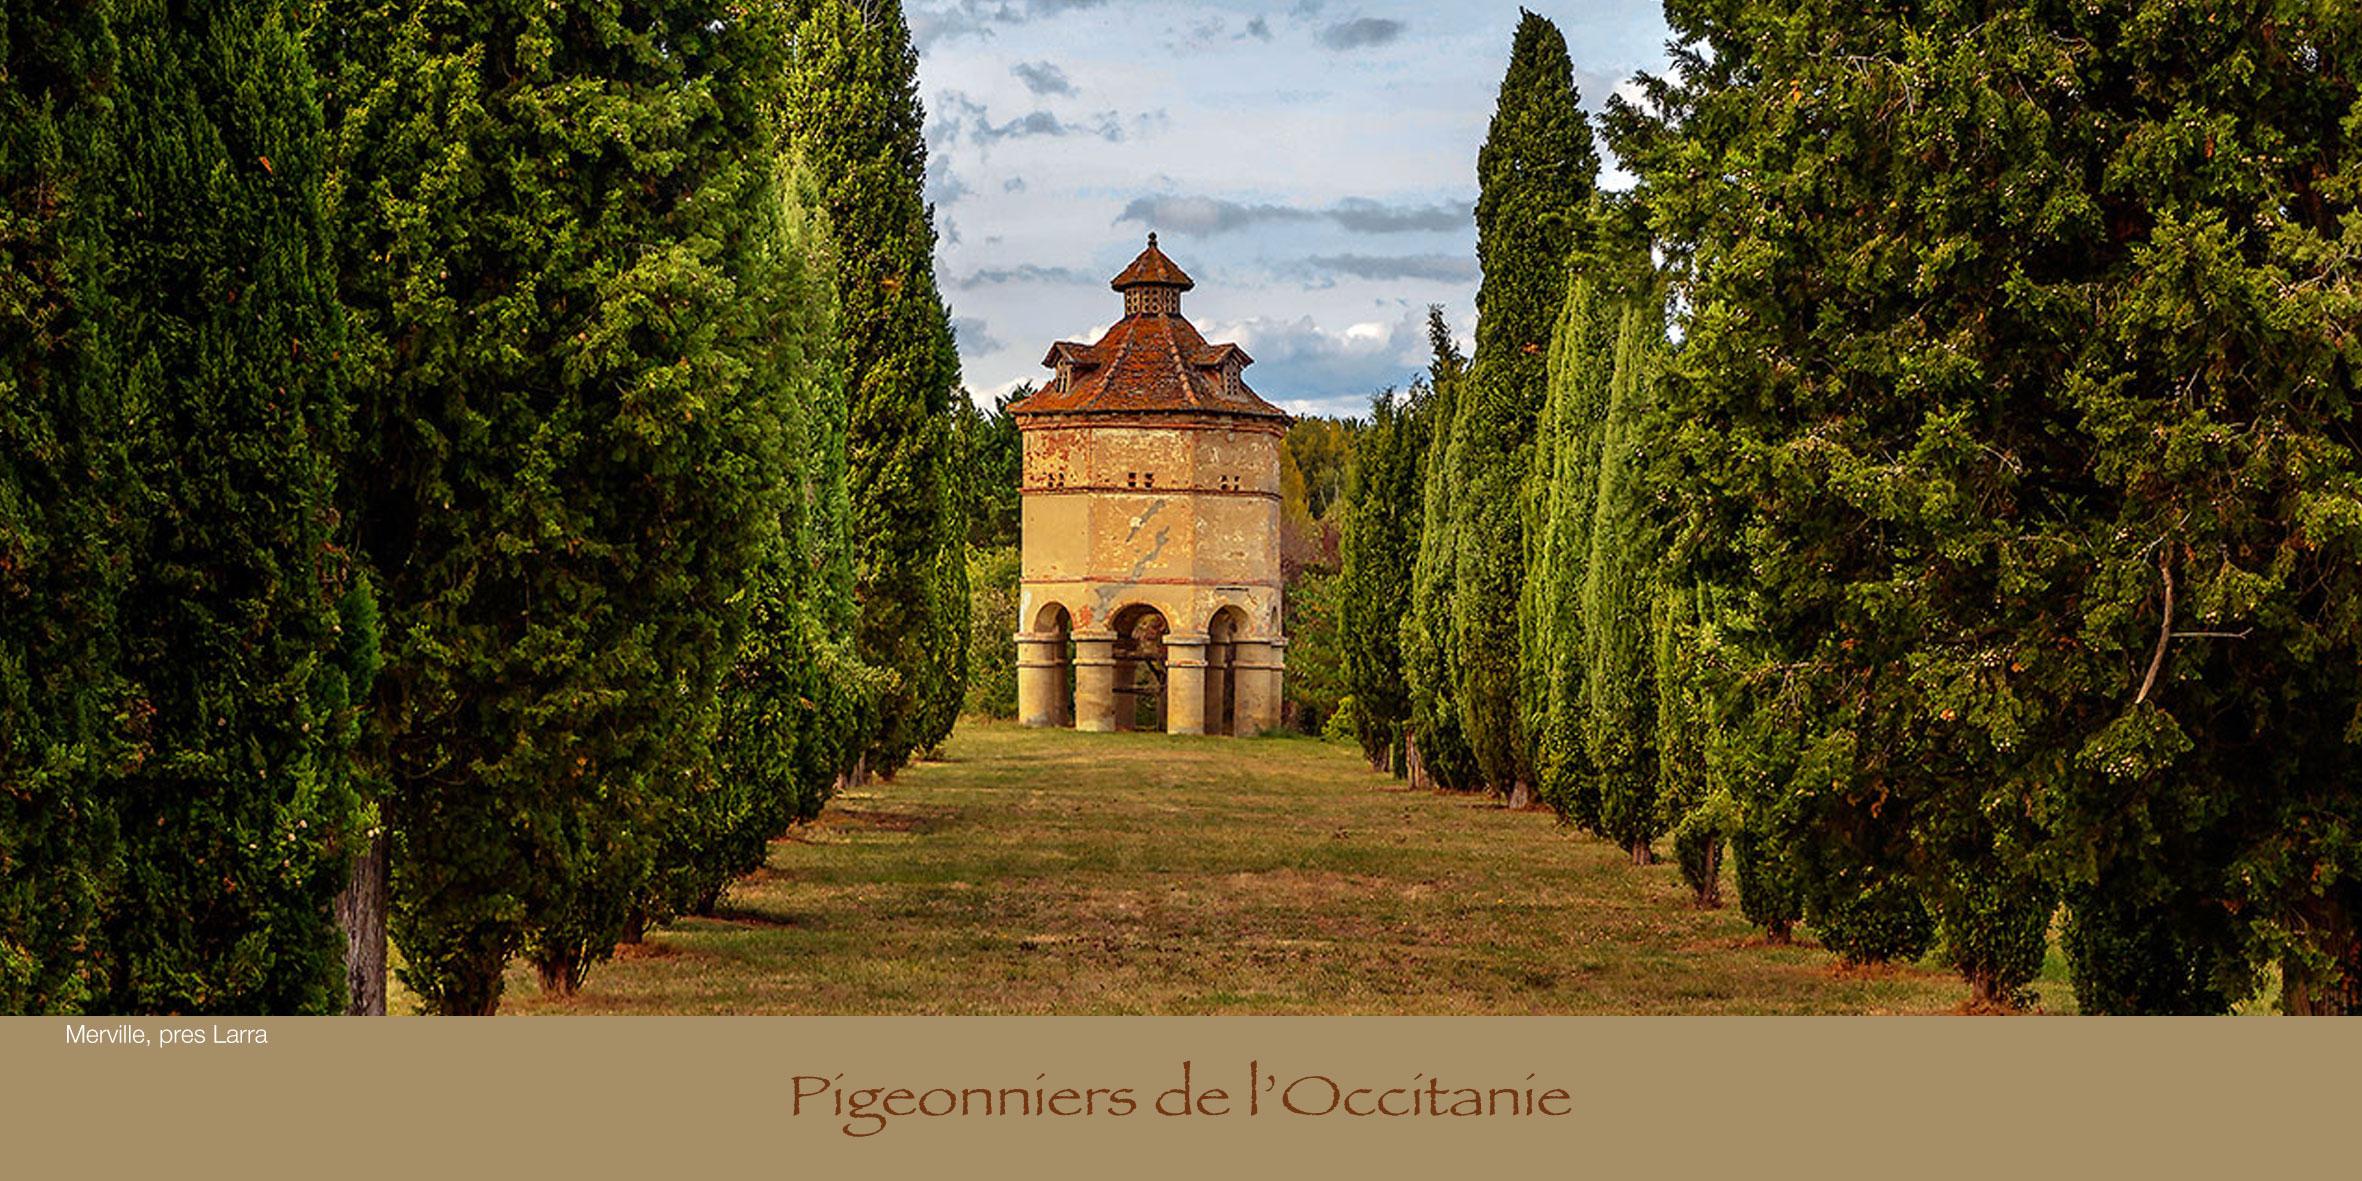 pigeonniers_postcards_b.jpg